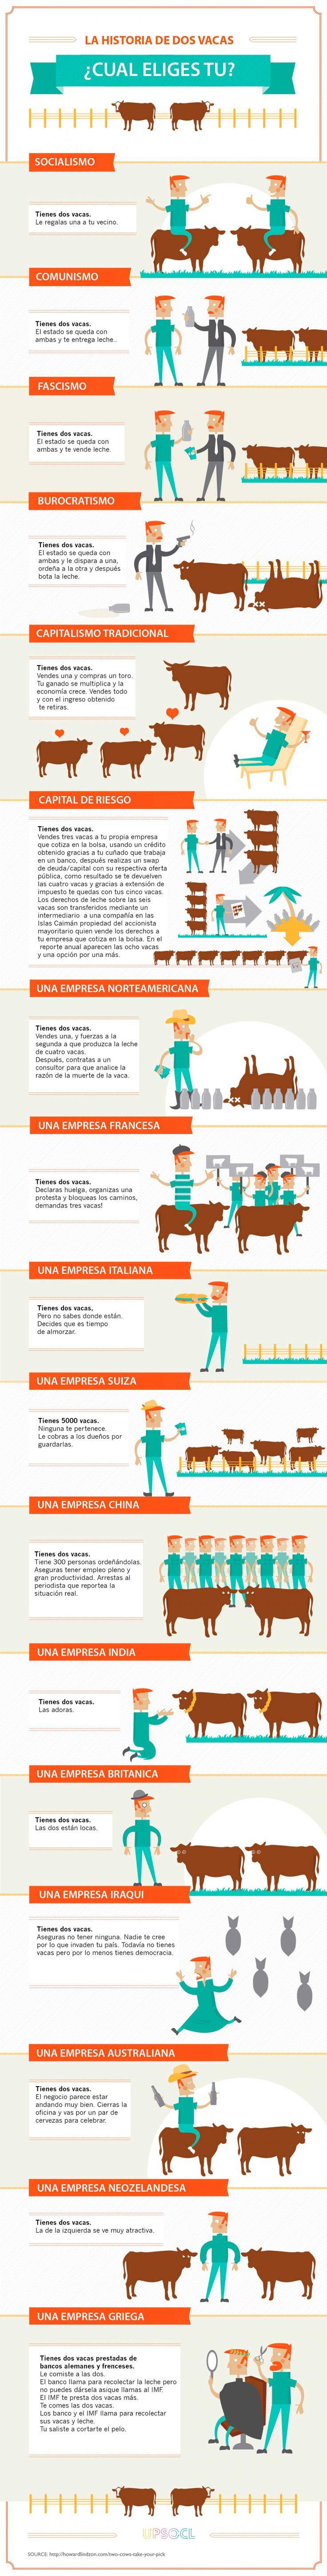 """""""Tienes dos vacas"""" se refiere a una clase de sátira política que implica variaciones de un escenario, donde lo que ocurre a las vacas se utiliza para demostrar las ventajas y deficiencias de ciertos sistemas económicos, políticos y sociales."""